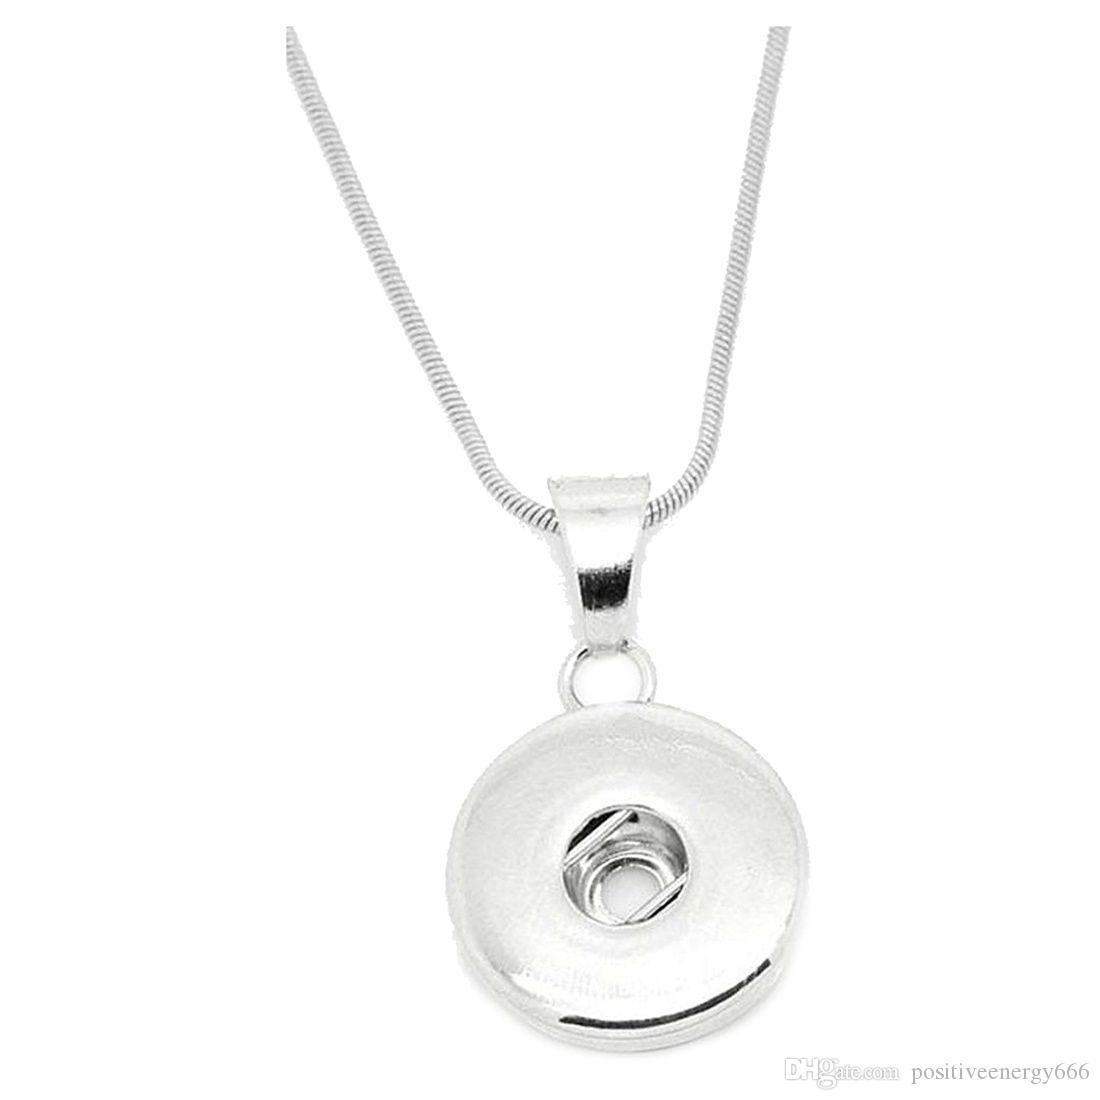 Ciondolo collana noosa modo delle donne per 18 millimetri Snap Button regalo dei monili in acciaio inox catena autentica catena in pelle Lunghezza 60 centimetri